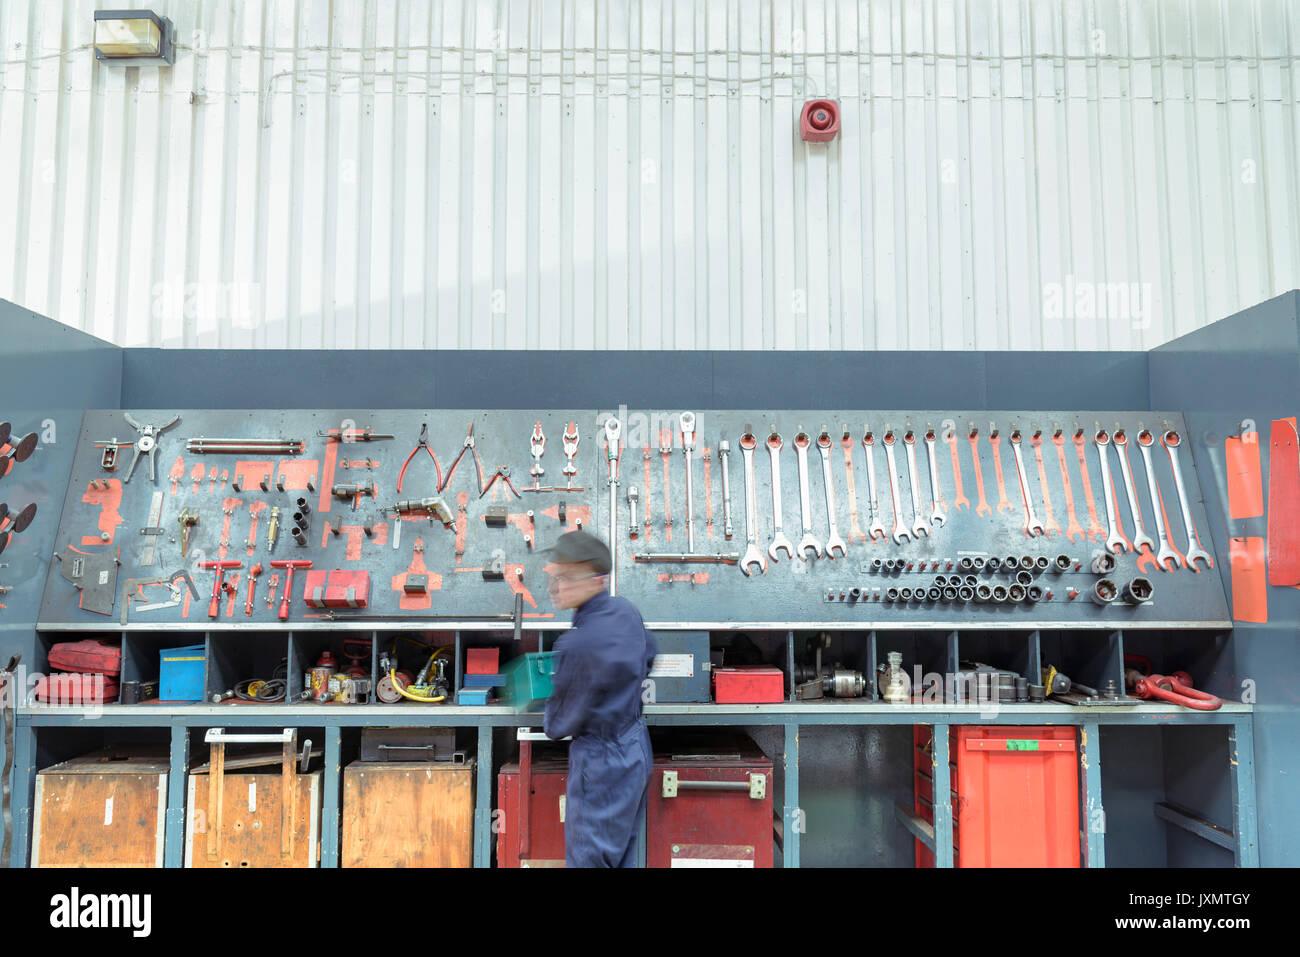 Lokführer Kommissionierung Werkzeuge in Zug arbeitet Stockbild